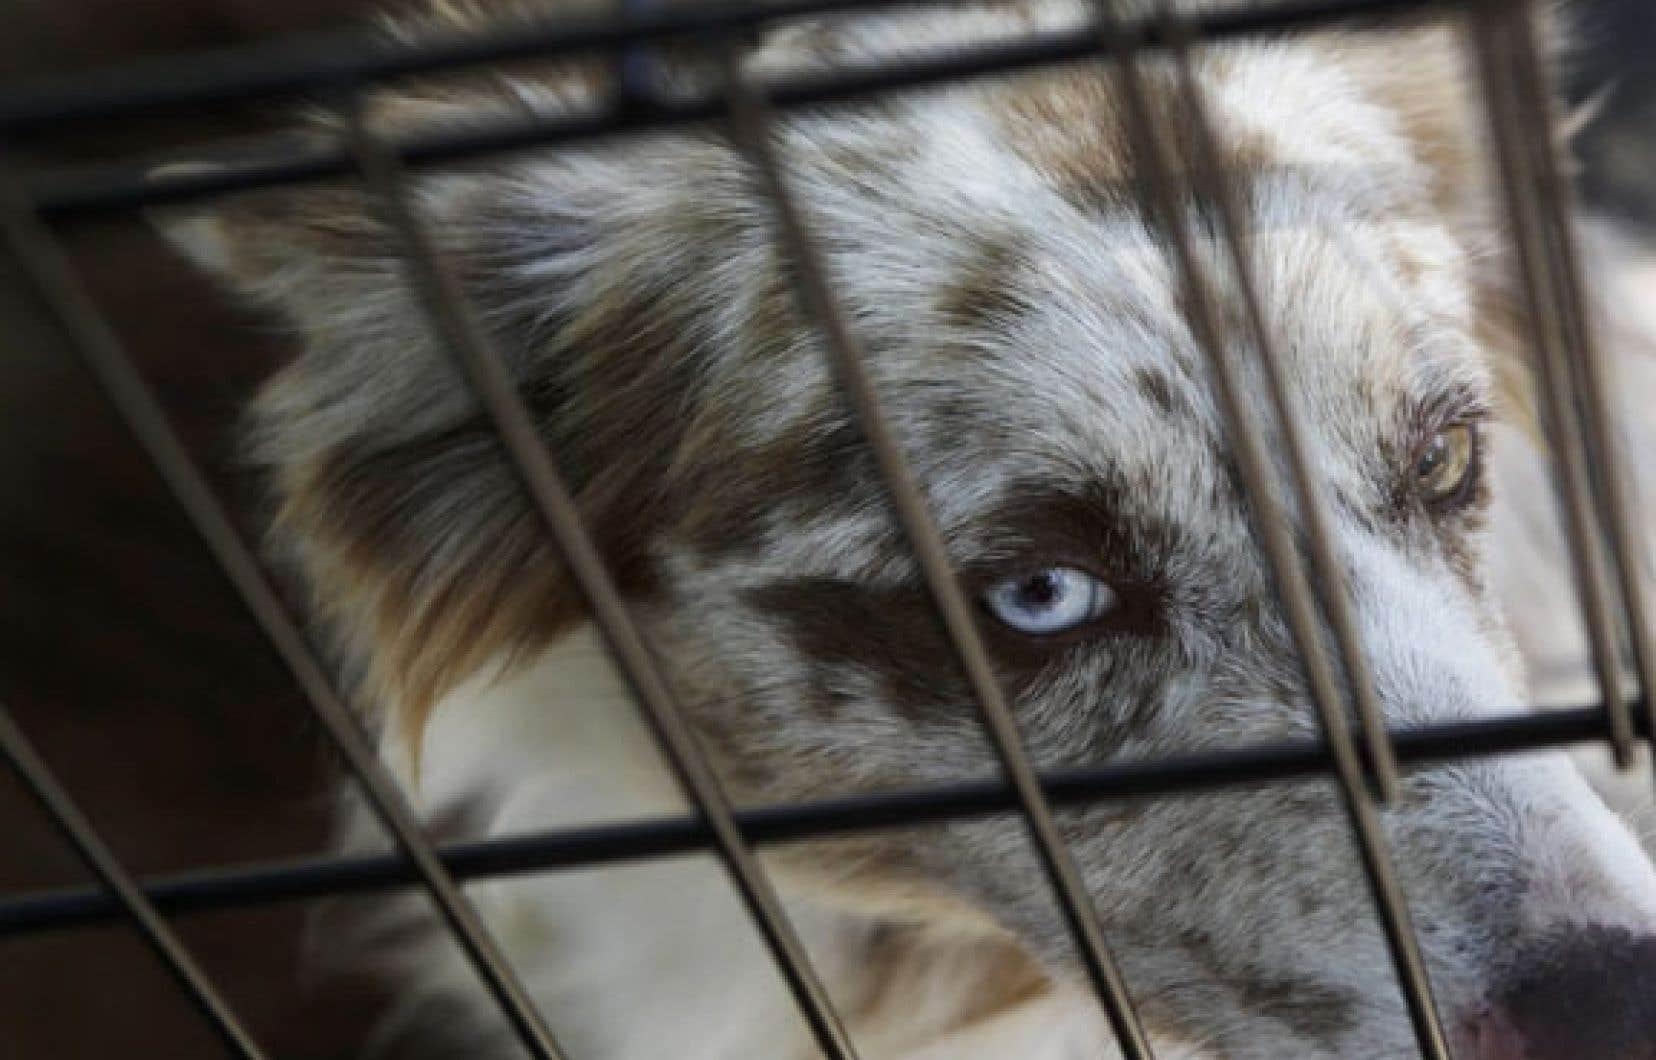 Des sites Web regorgent de chiens à vendre malgré la surpopulation des refuges.